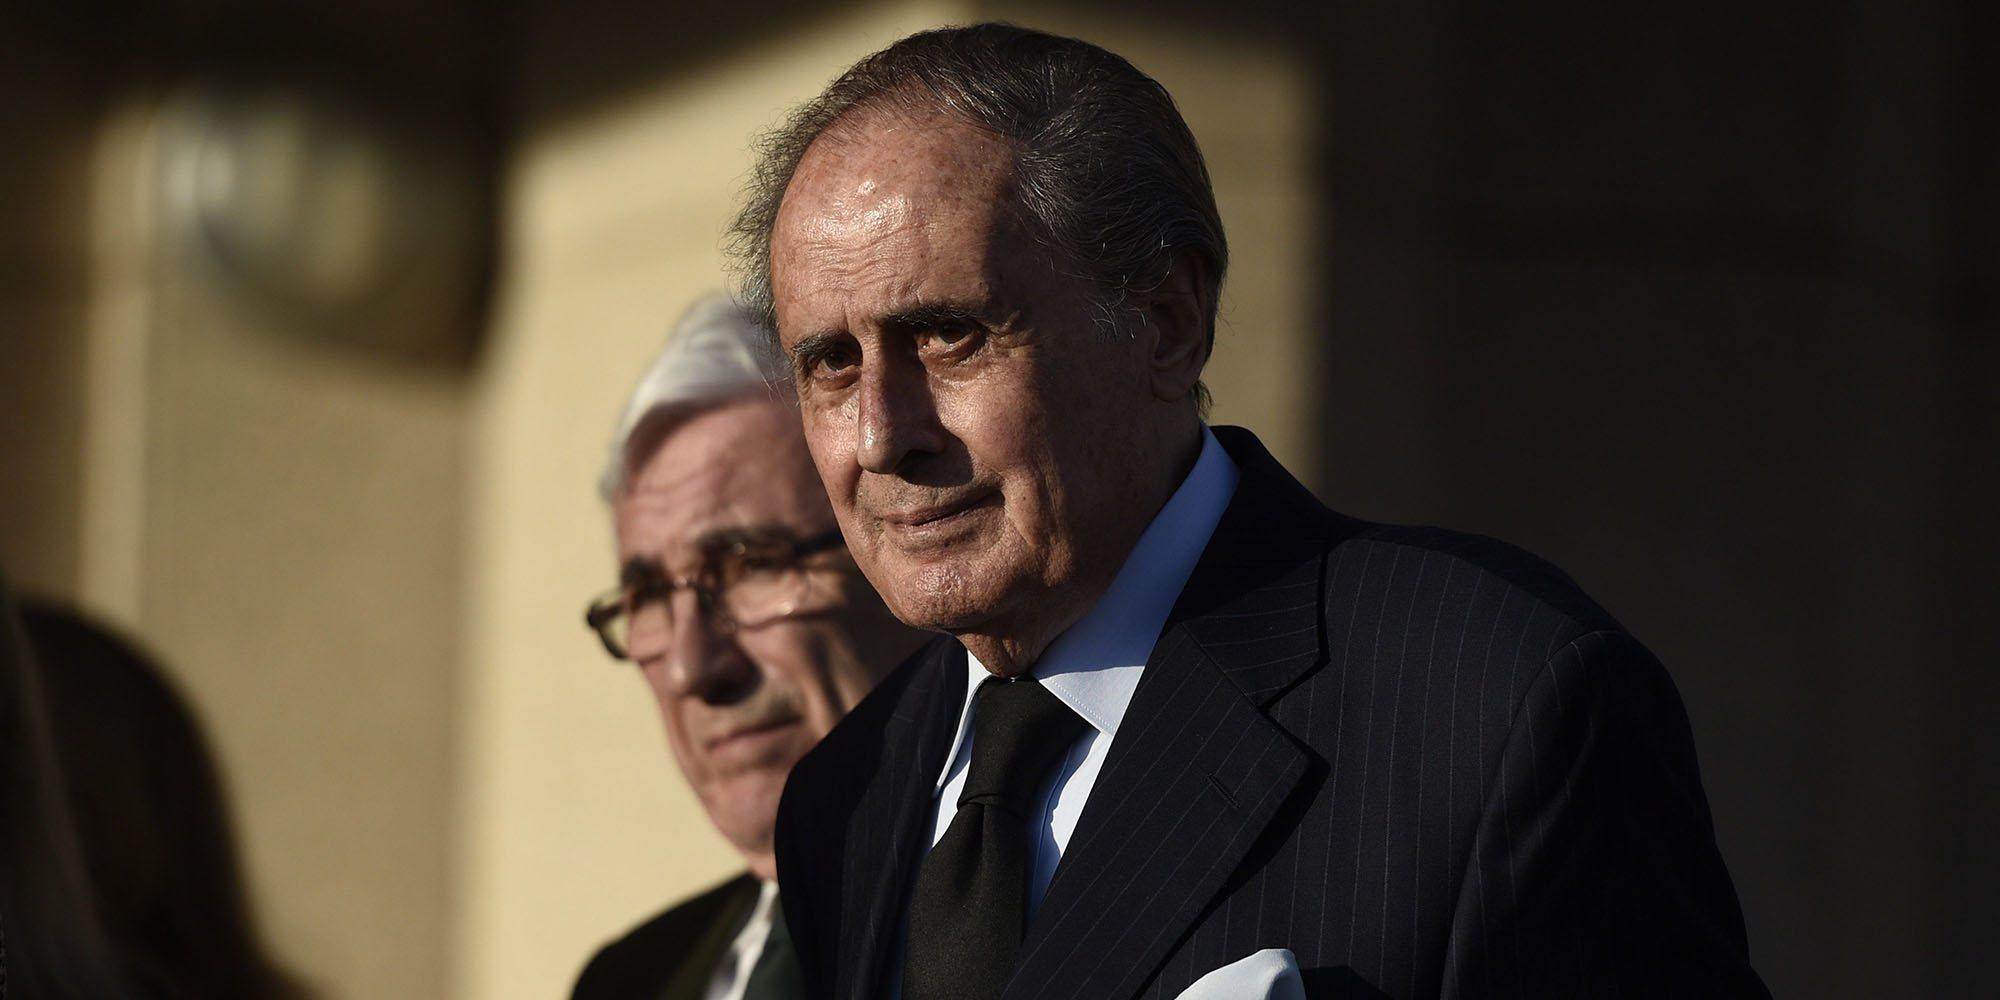 """La frase que le dijo el Rey Juan Carlos a Jaime Peñafiel: """"Habla y escribe menos"""""""